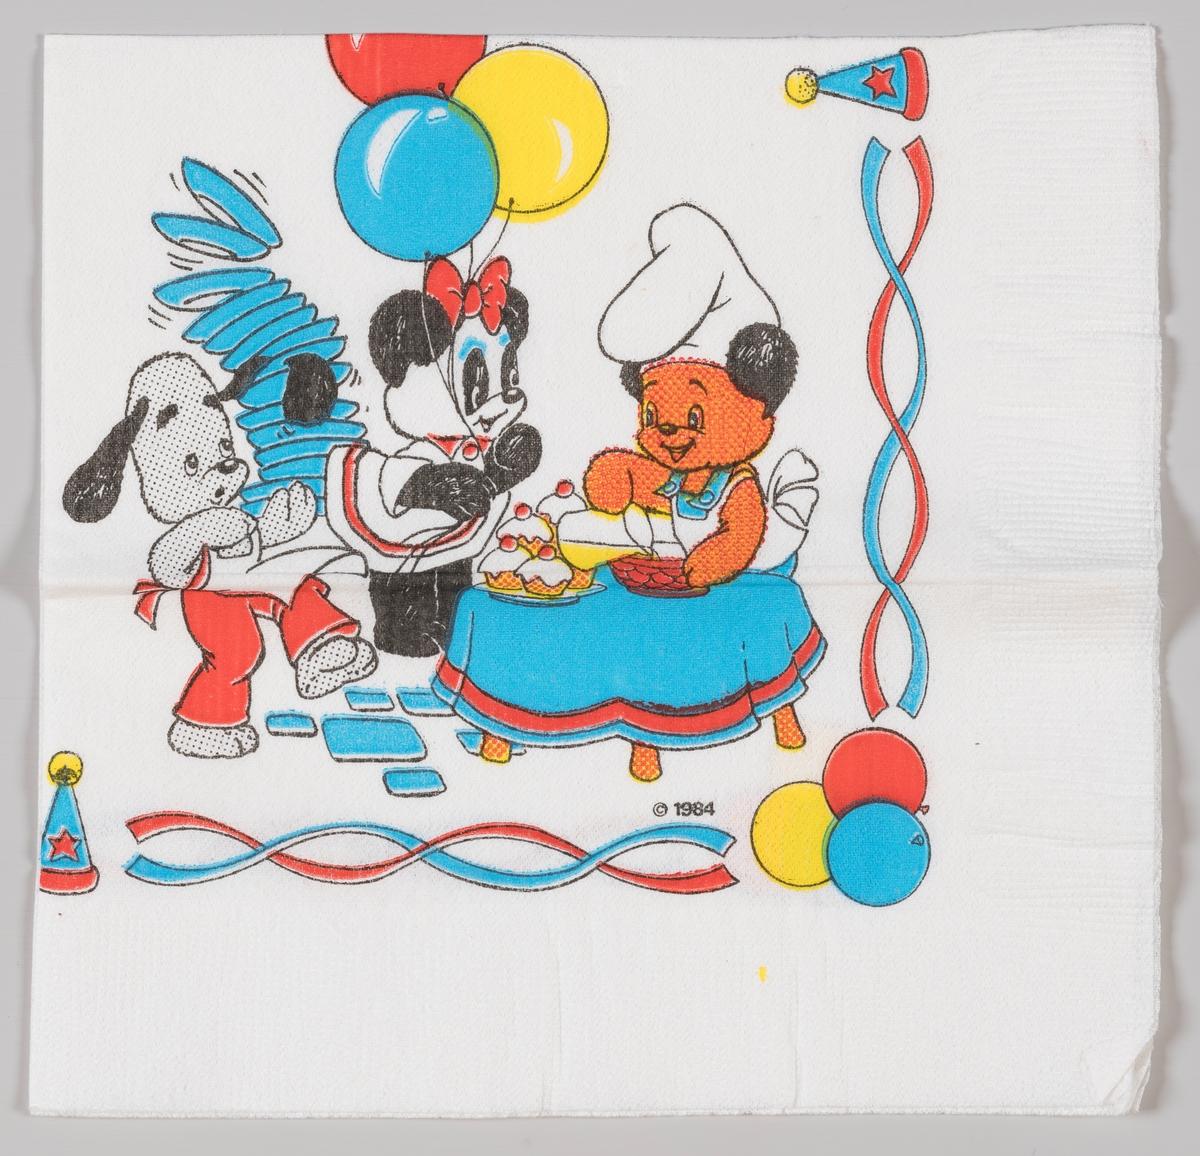 Tre forskjellige bamser med tallekener, ballonger og kaker